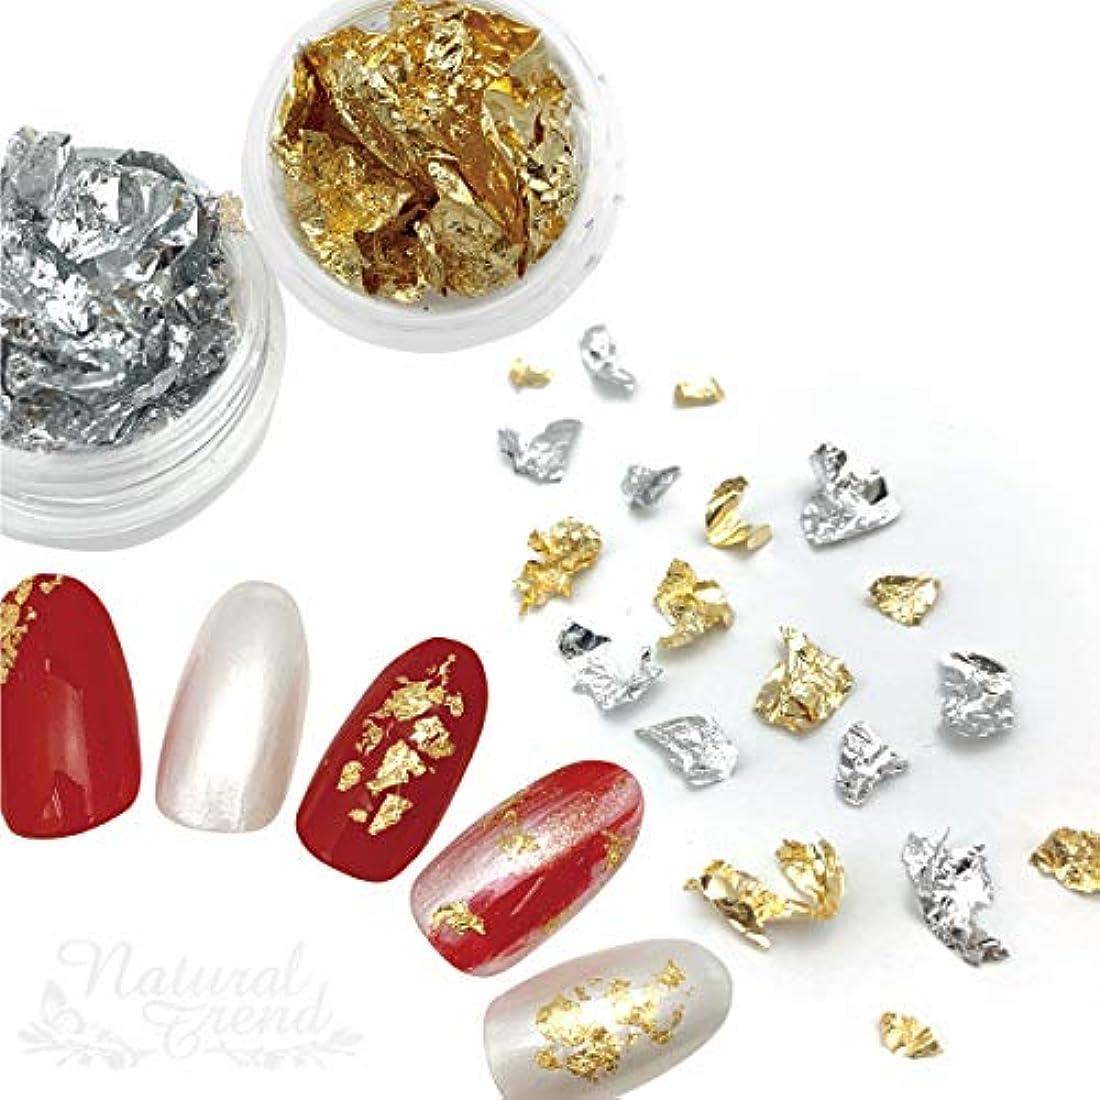 準備インストールモニカNatural Trend 金箔 銀箔 ネイルホイル ジェルネイルアート (ゴールドシルバーset)